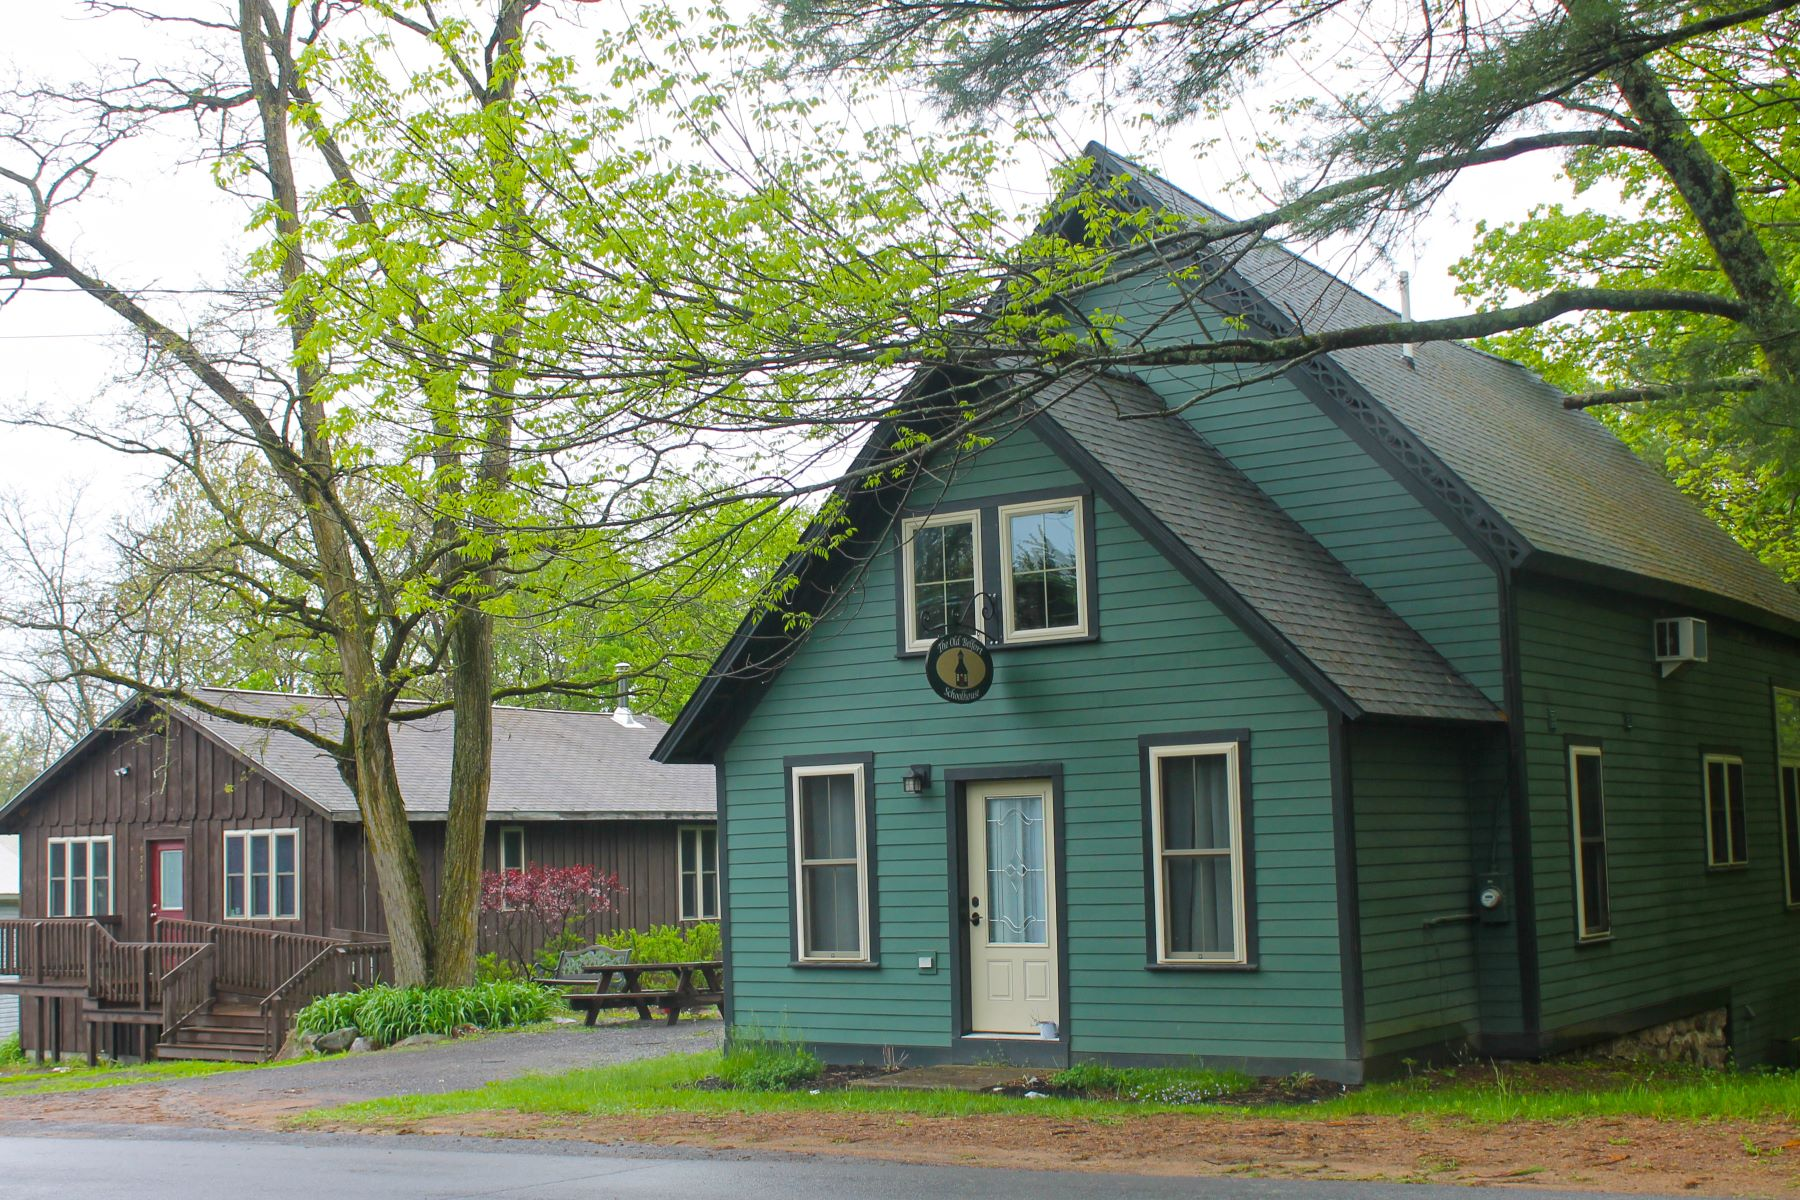 Single Family Homes för Försäljning vid Enjoy country living in The Old Belfort Schoolhouse 9541 Belfort Road, Croghan, New York 13327 Förenta staterna